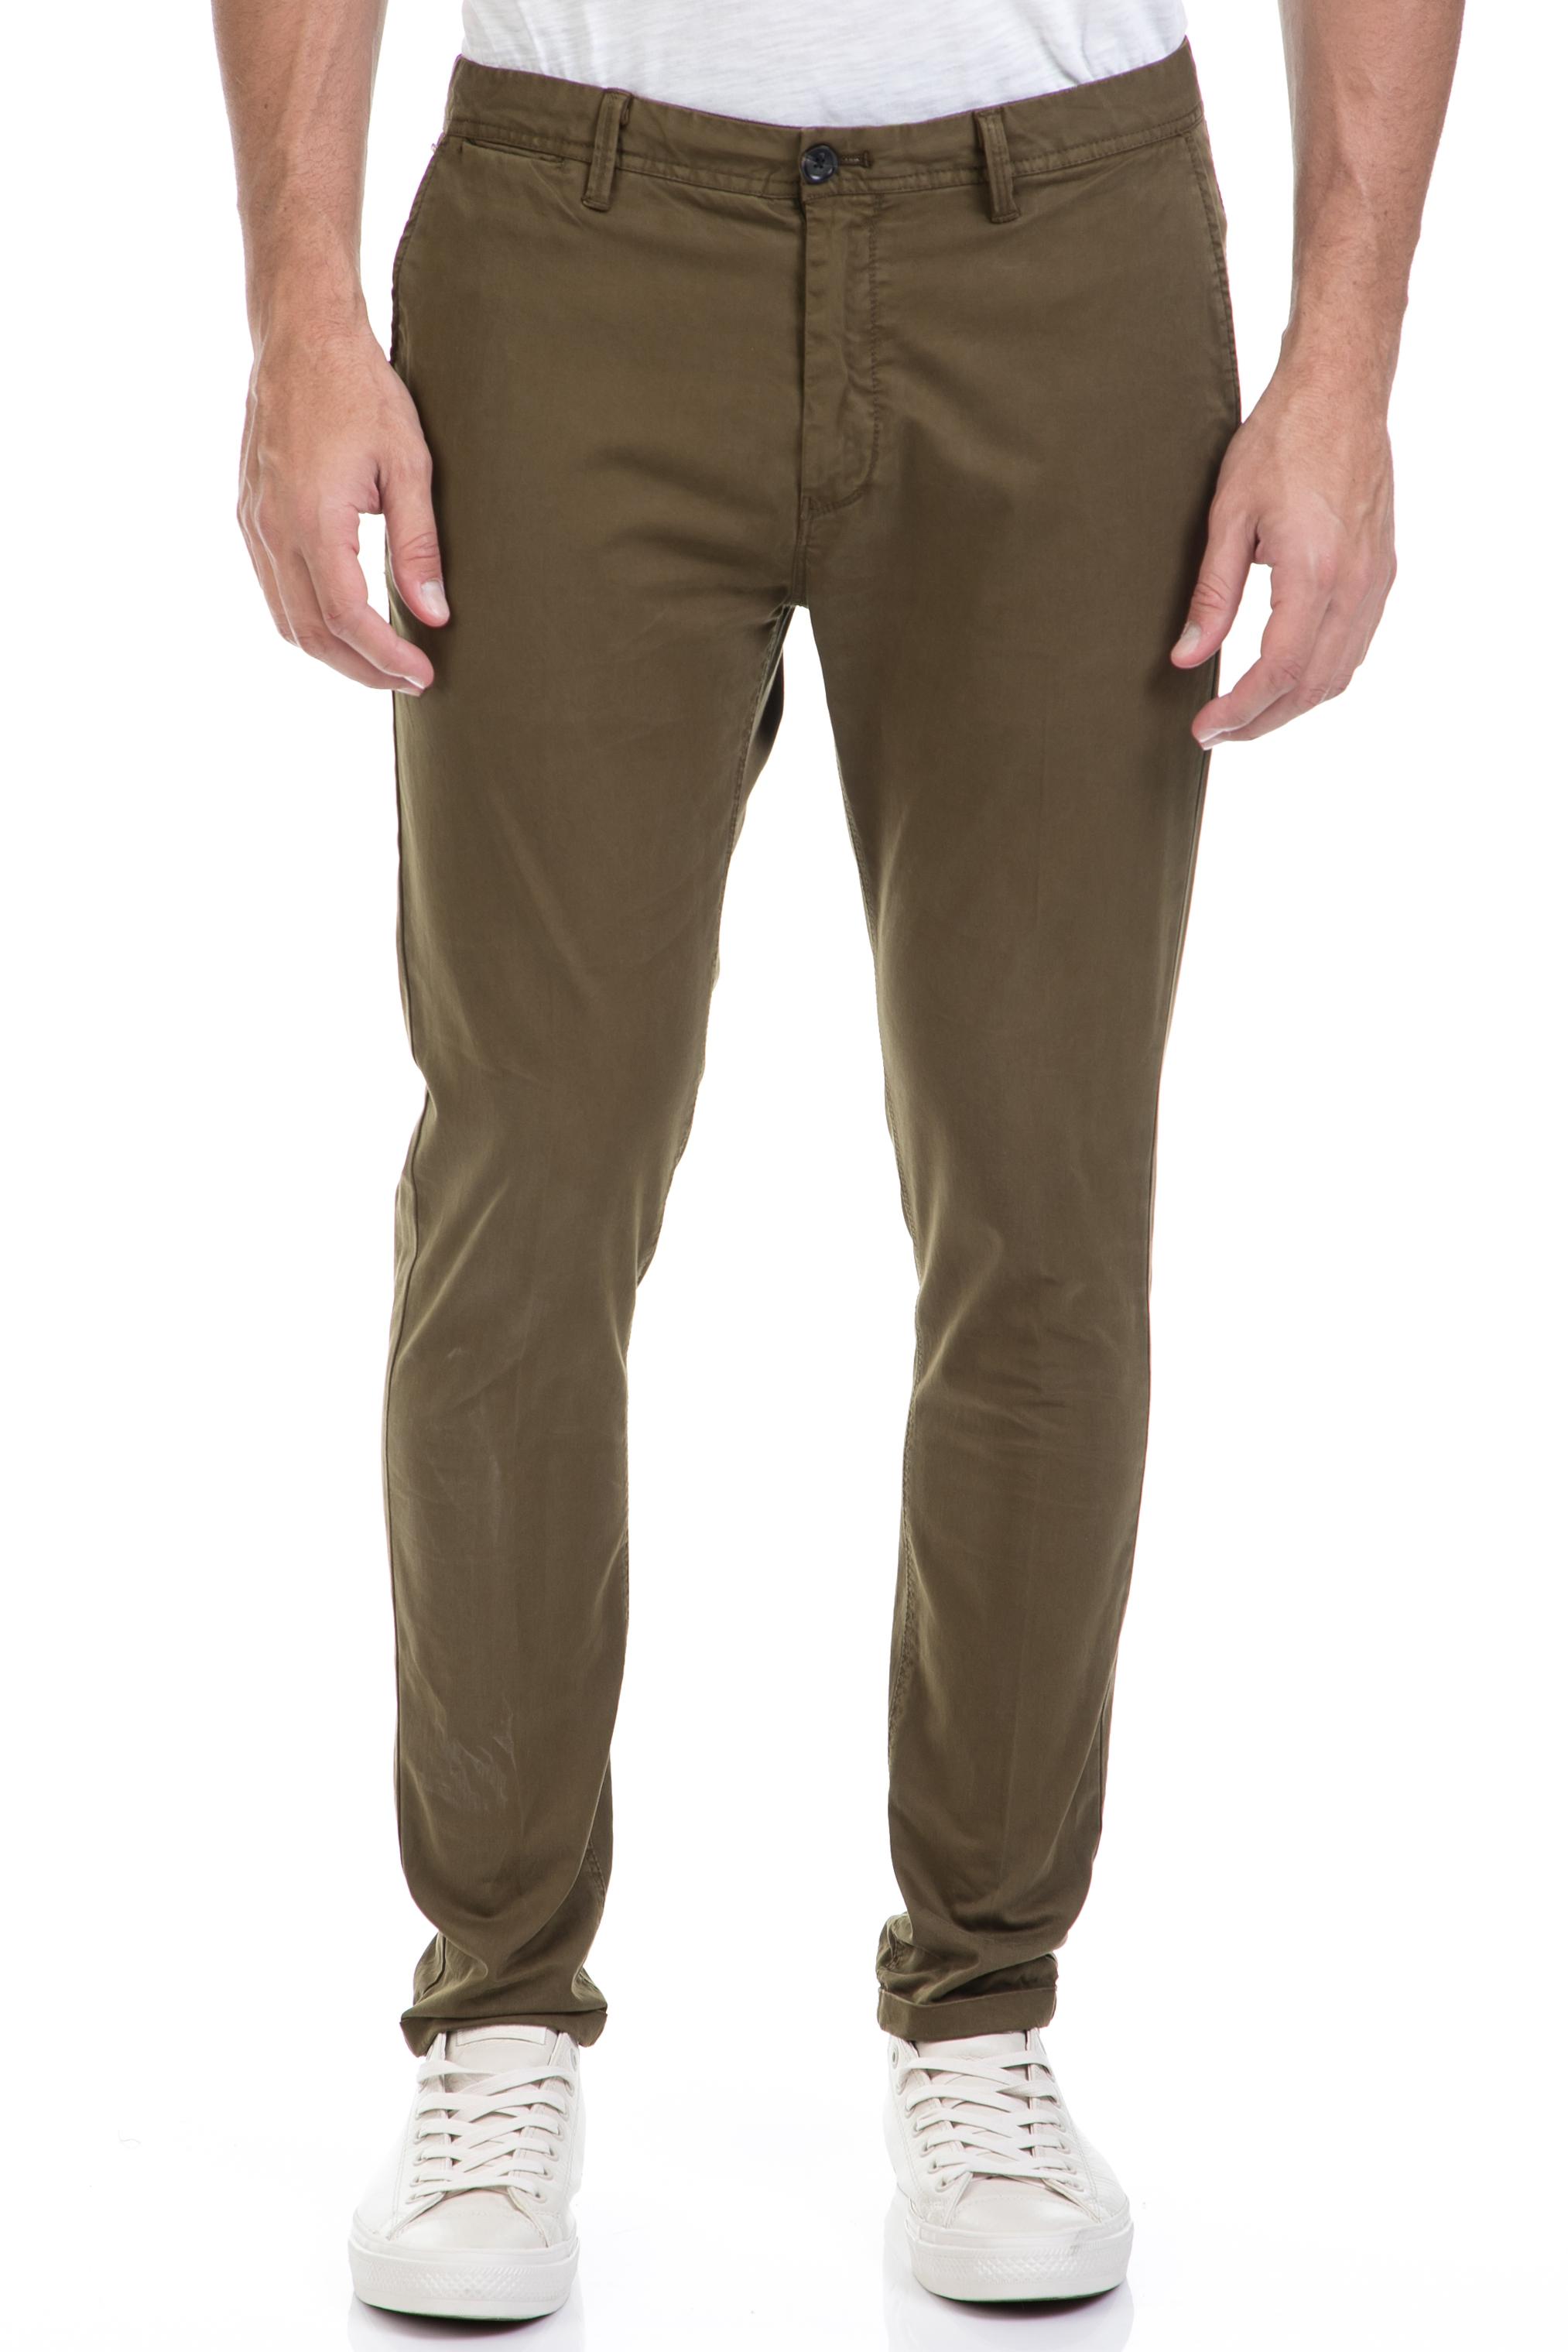 SCOTCH & SODA - Ανδρικό παντελόνι SCOTCH & SODA χακί ανδρικά ρούχα παντελόνια chinos